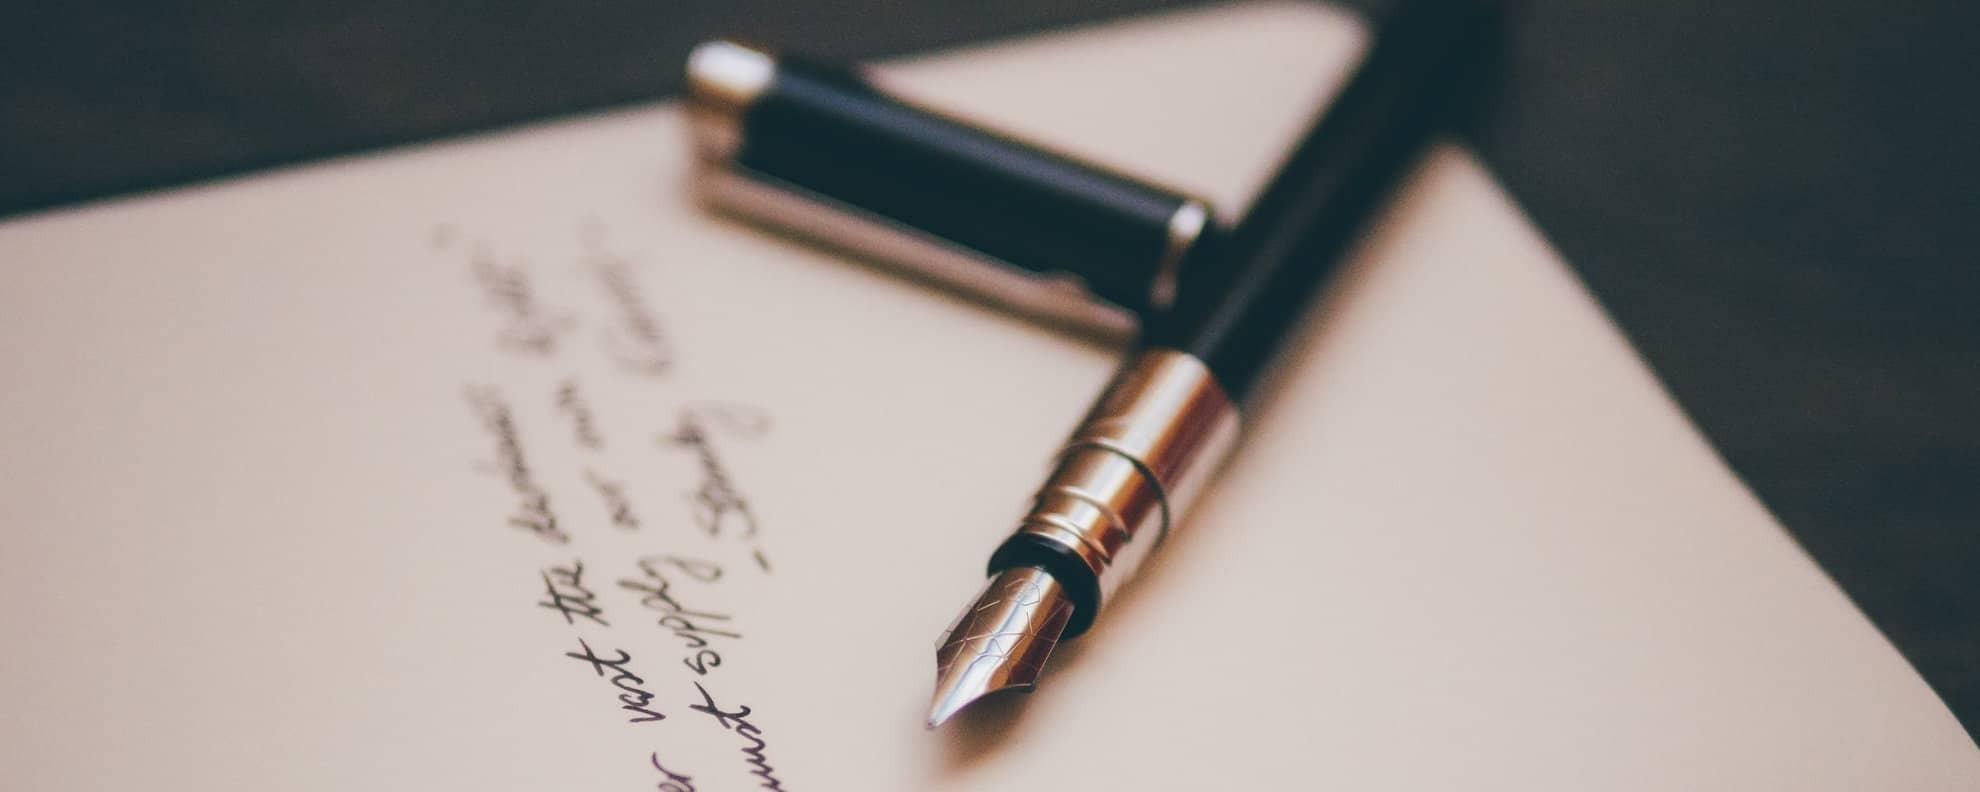 Satzanfänge: 5 Tipps, um wie ein Profi zu schreiben